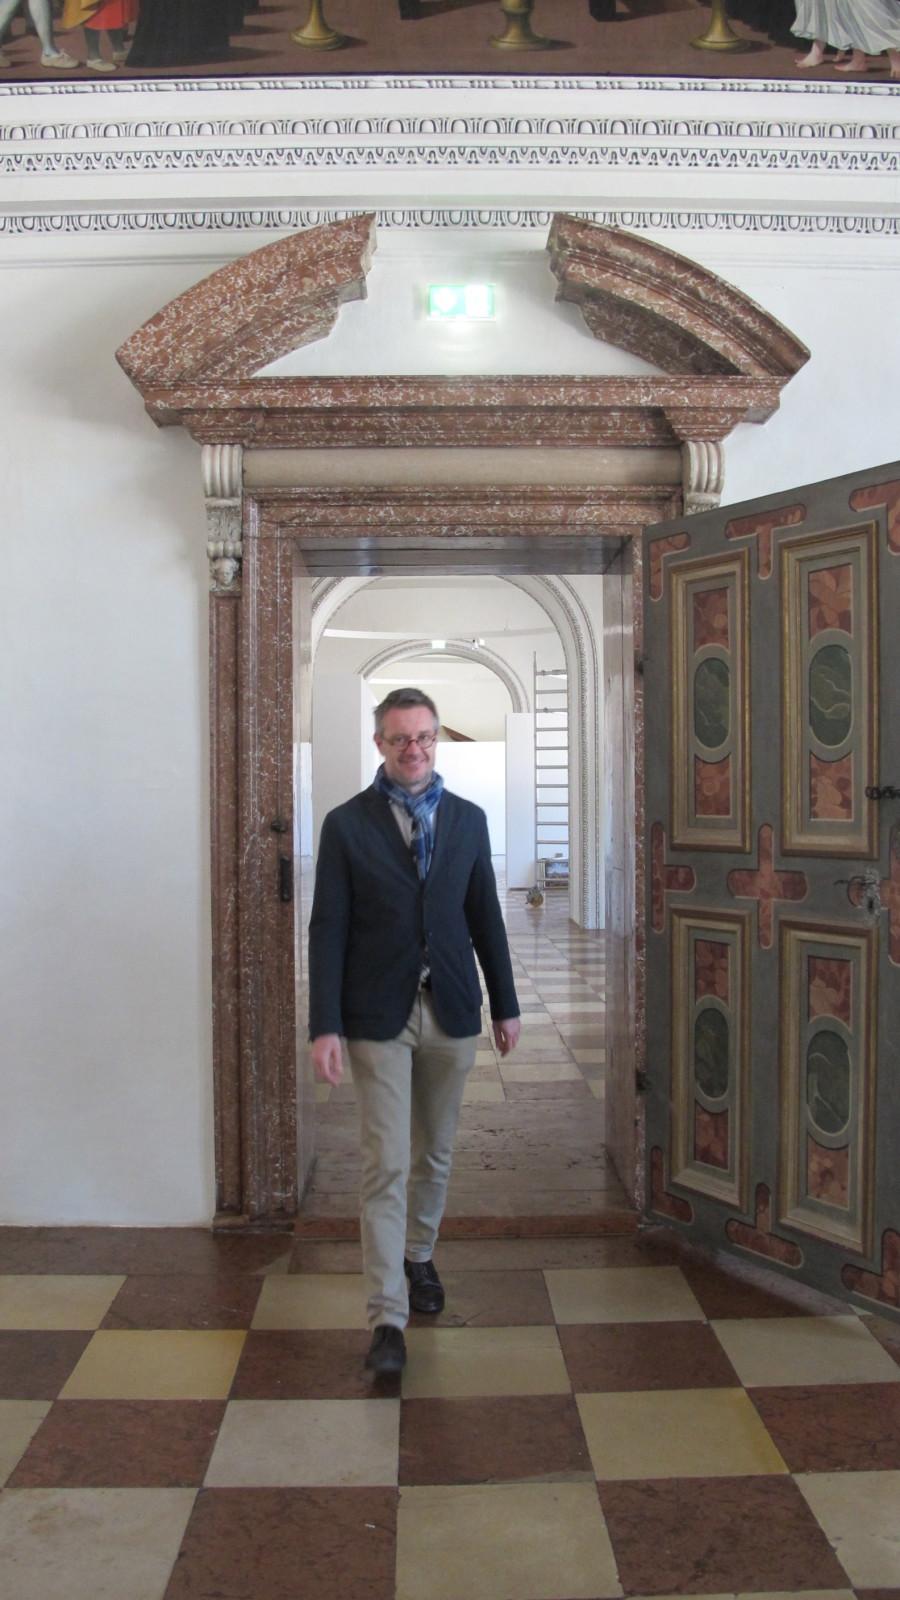 Dommuseumsdirektor im Nordoratorium - dem neu renovierten Ausstellungsraum für das DomQuartier im Salzburger Dom